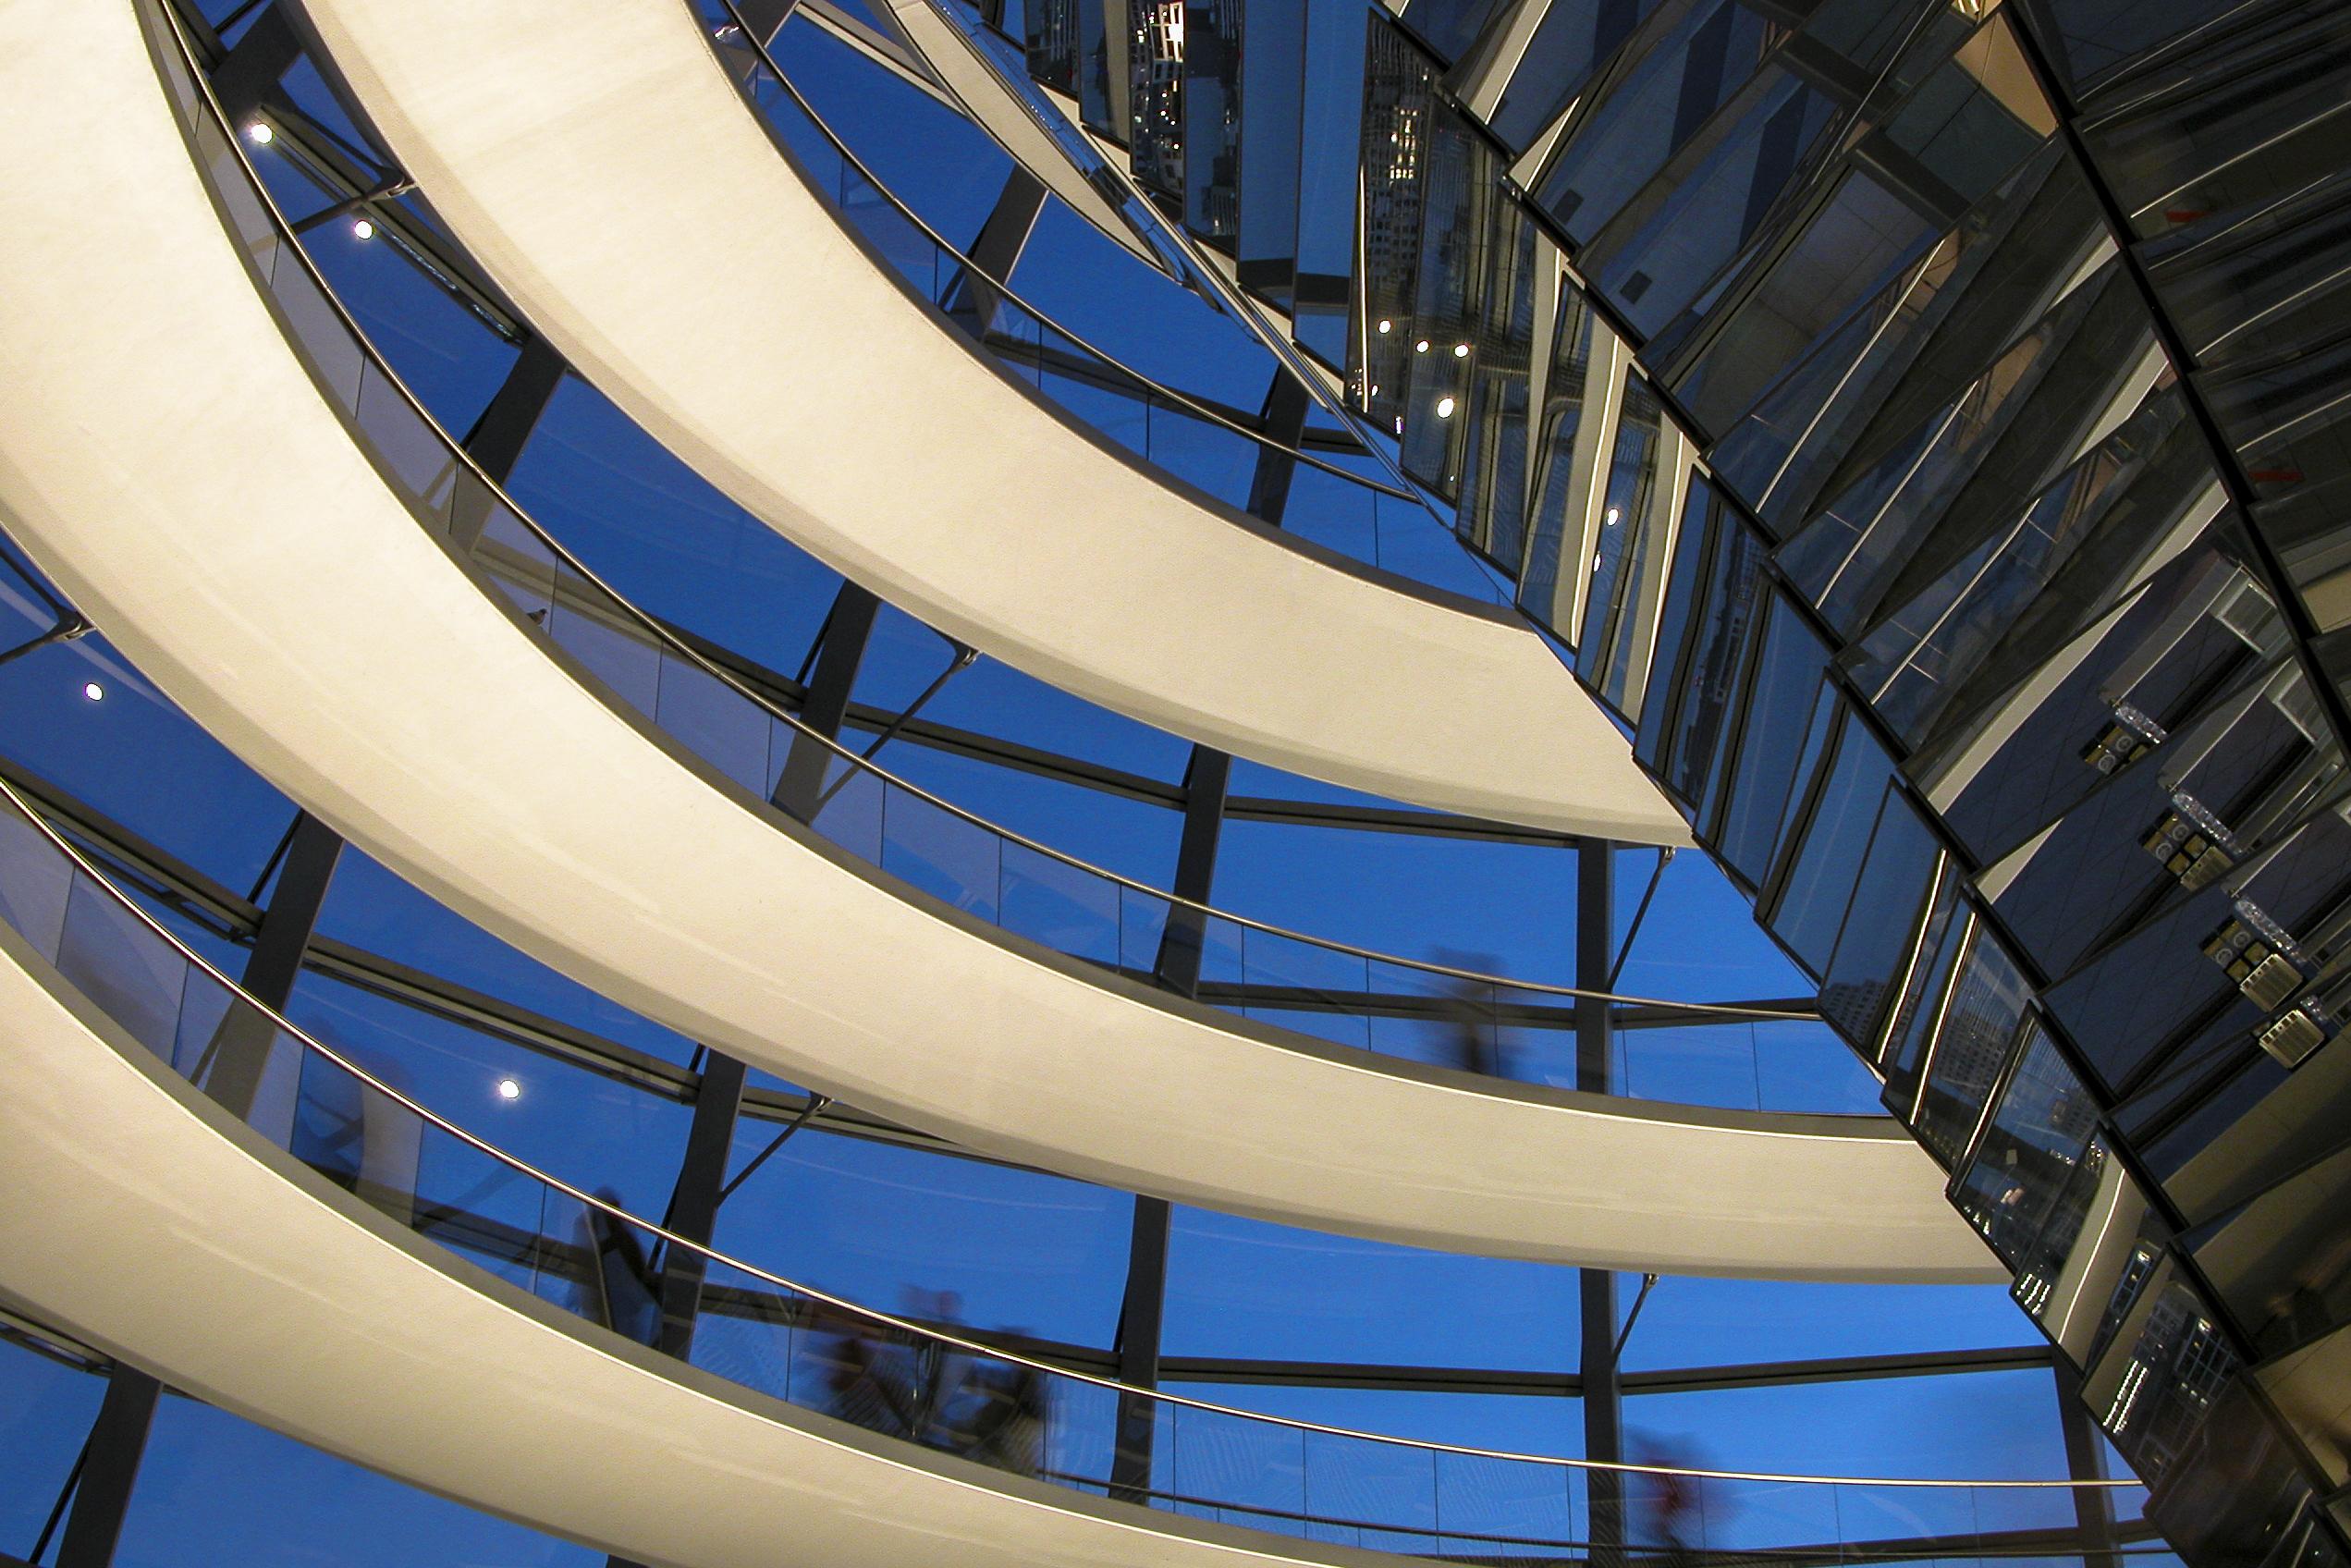 Koepel Rijksdaggebouw, Berlijn. Architect Foster and Partners